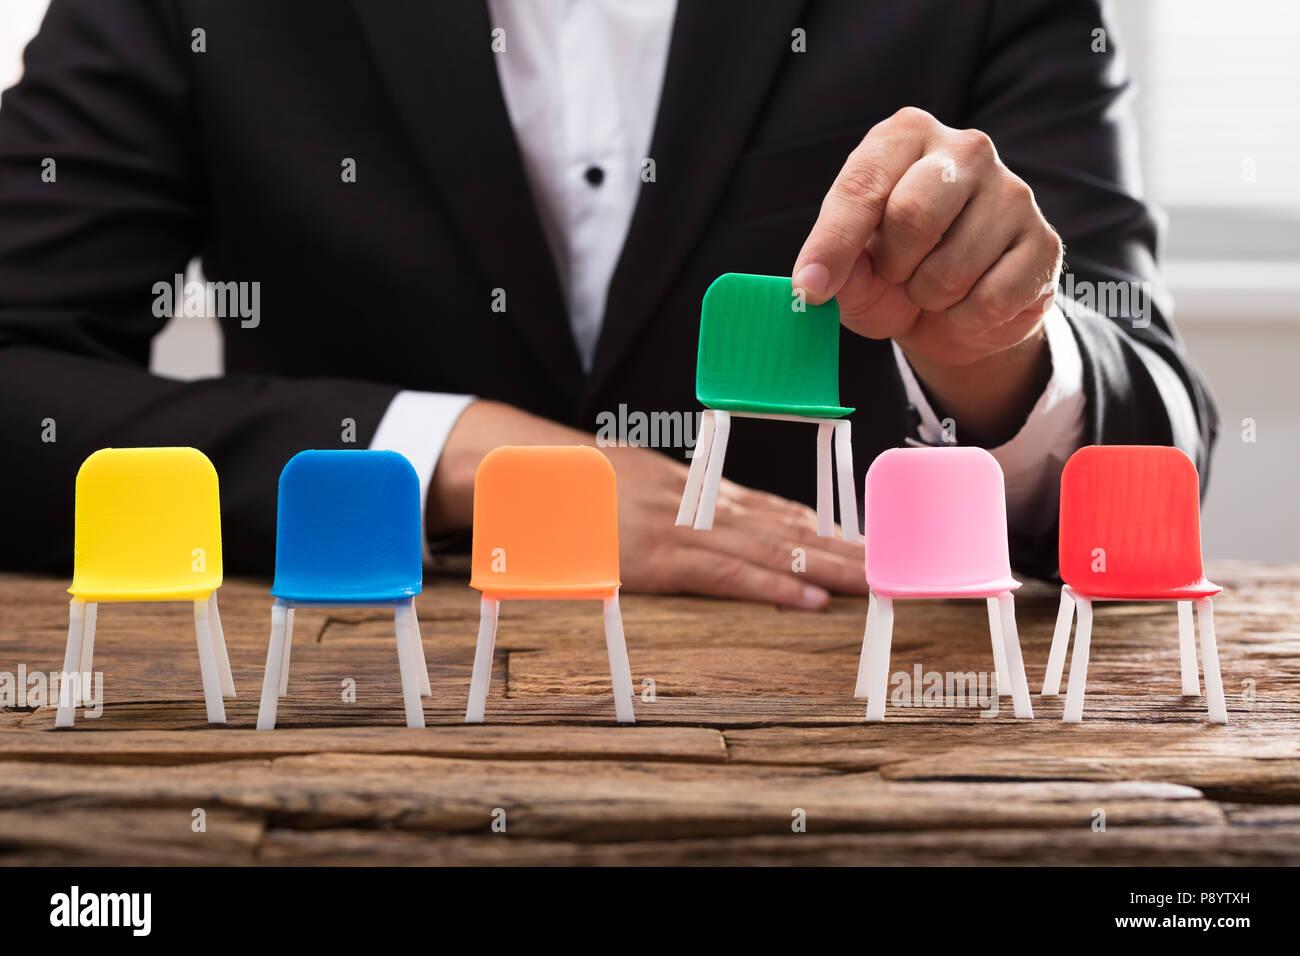 Der Geschäftsmann, der von Hand gepflückt, grünen Stuhl unter anderem auf hölzernen Schreibtisch Stockbild